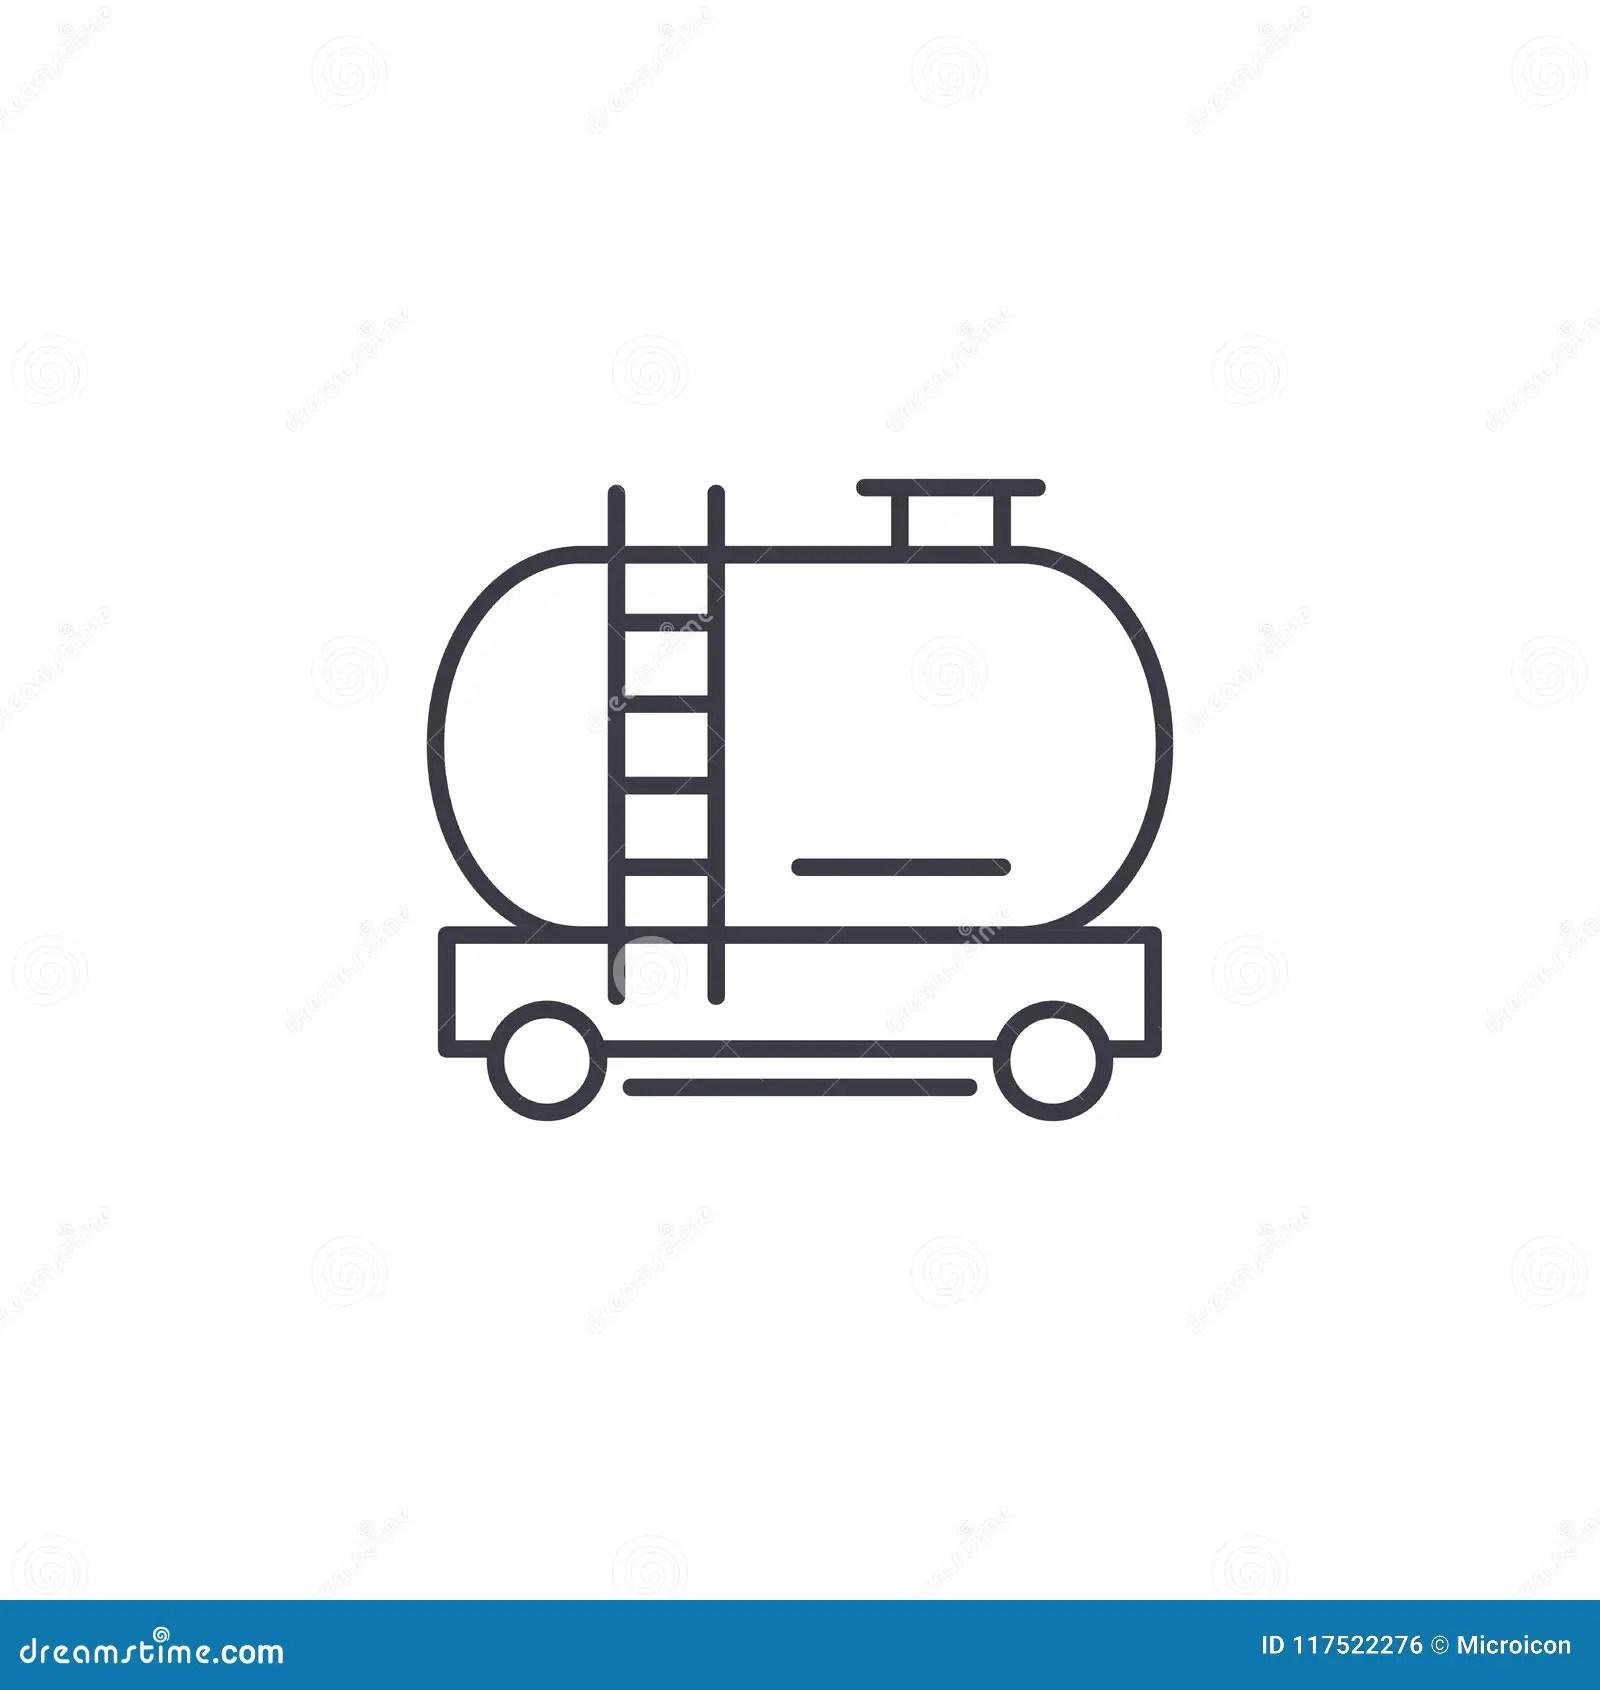 Gasoline Tanker Railroad Car Stock Photo